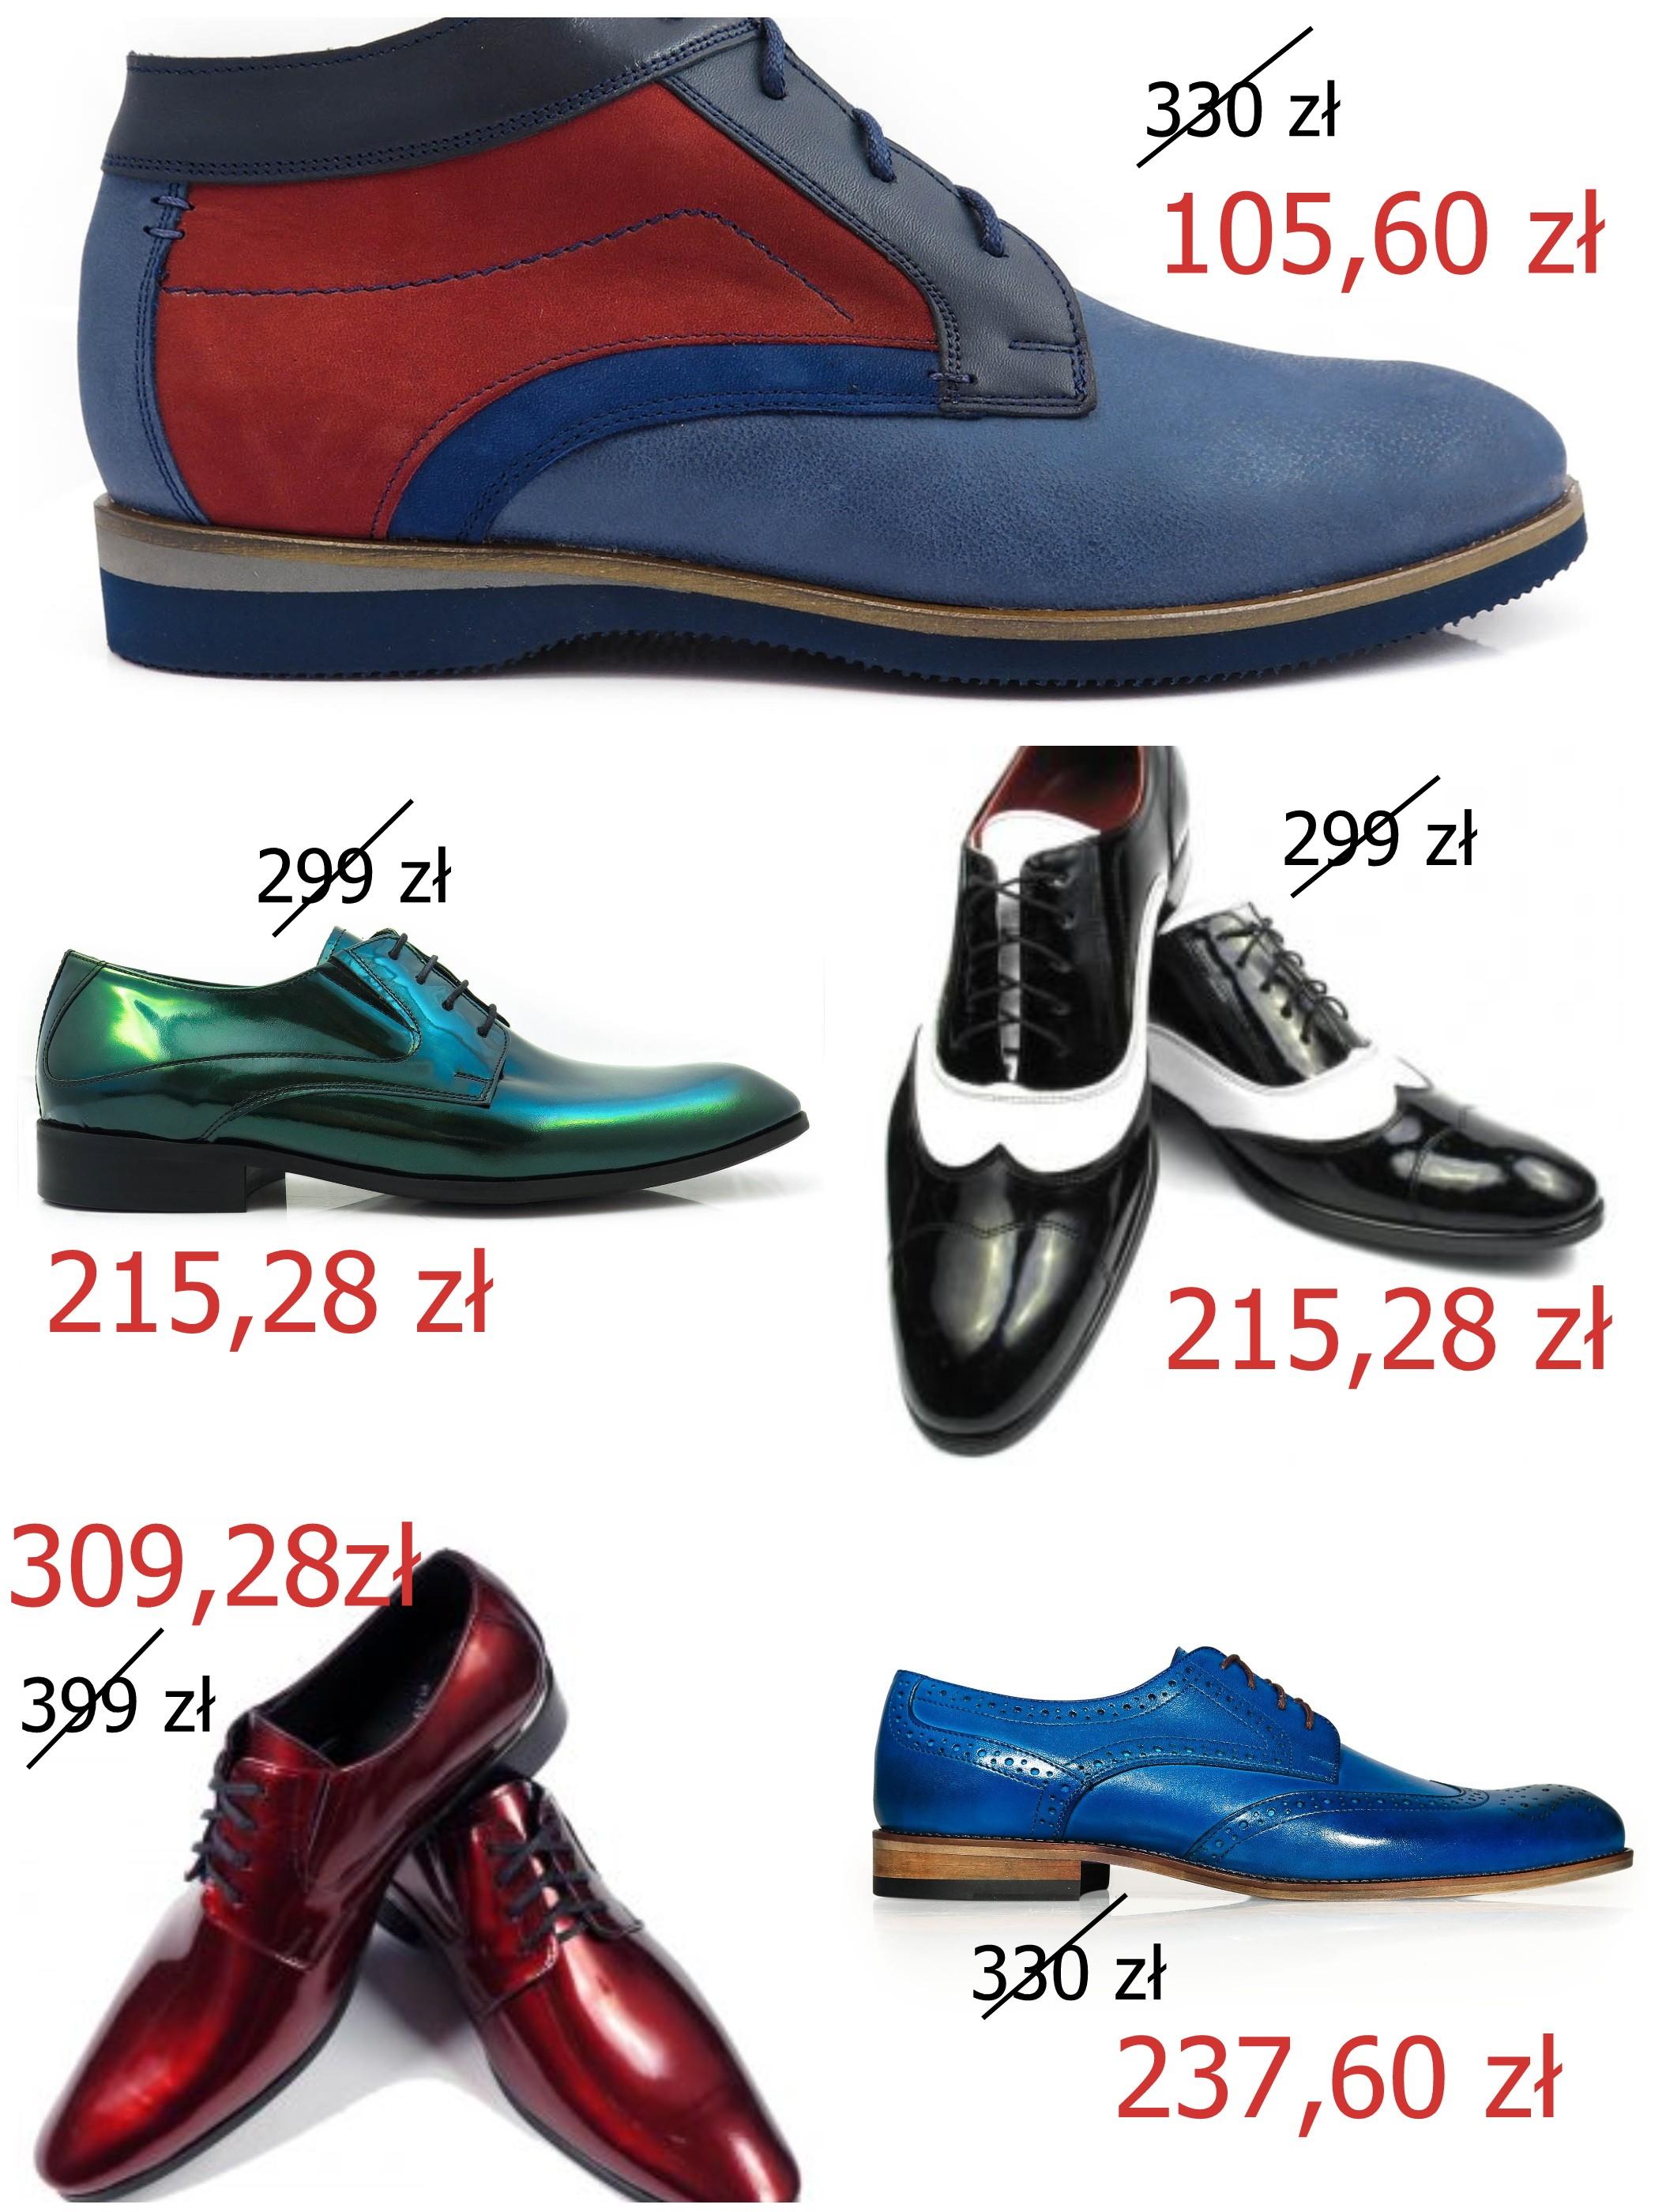 Rabat 20% na całą kolekcję obuwia (również na przecenioną) FABER / MODINI